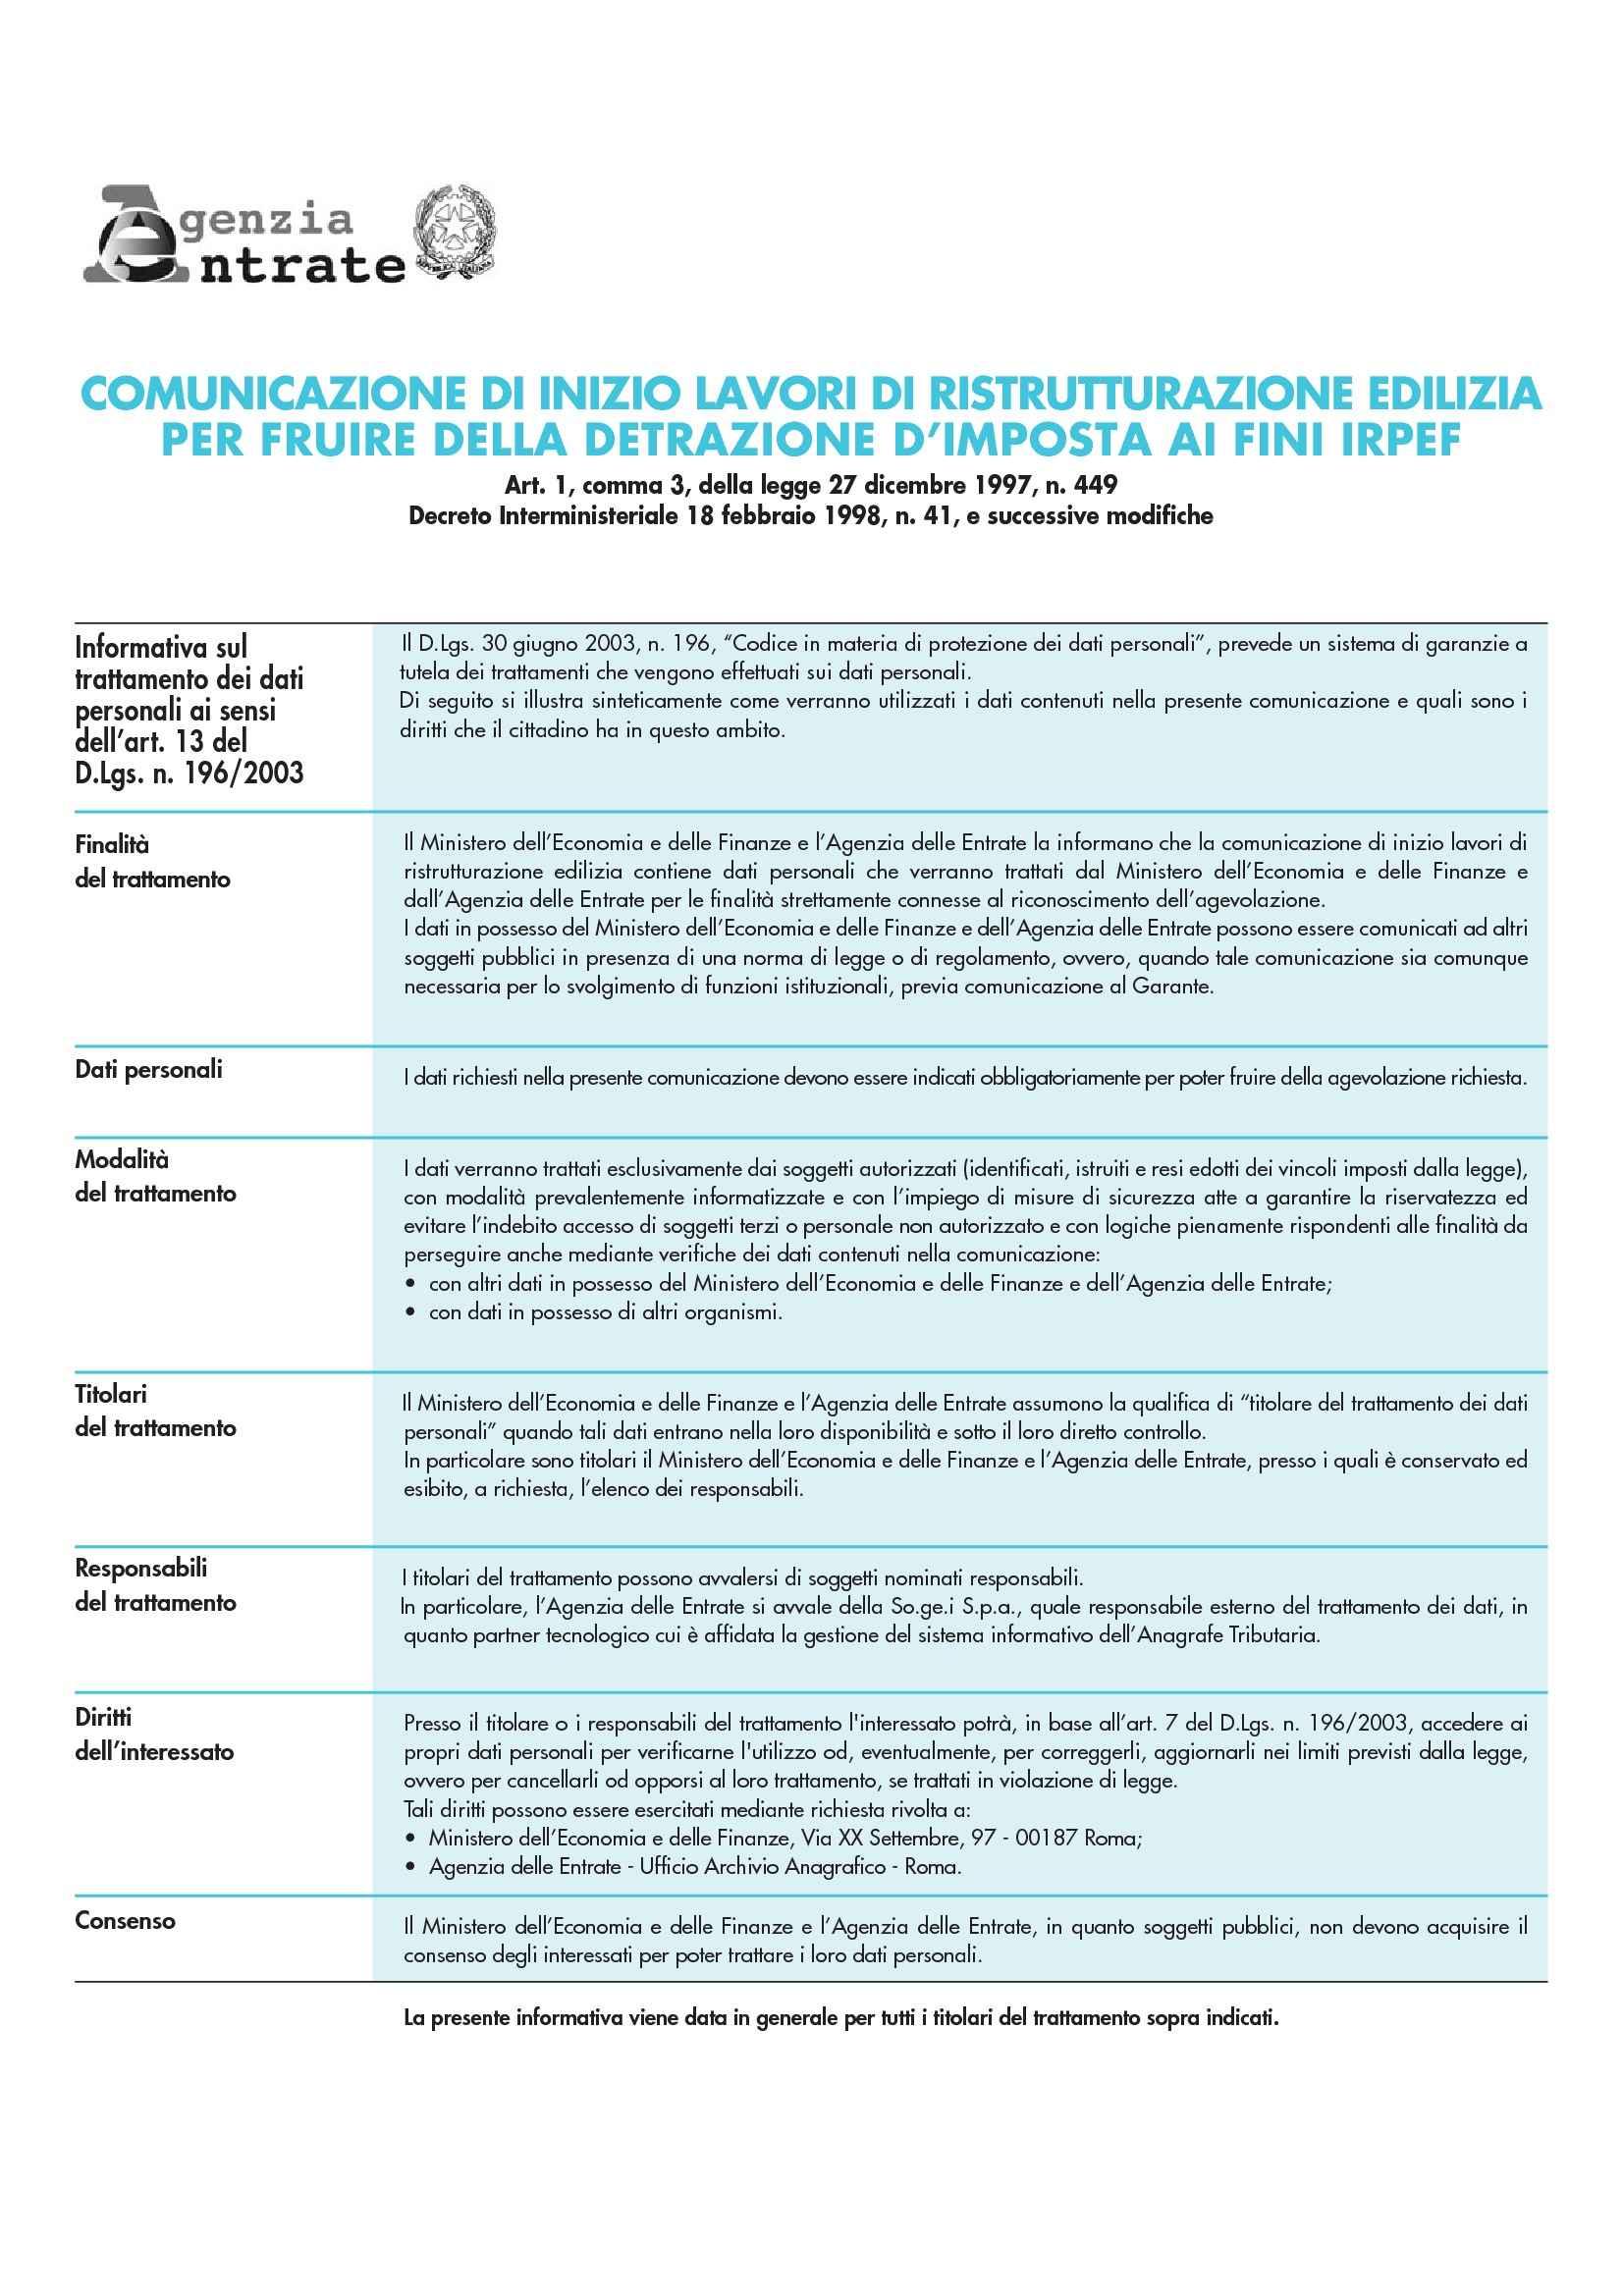 Ristrutturazione edilizia - Comunicazione di inizio lavori